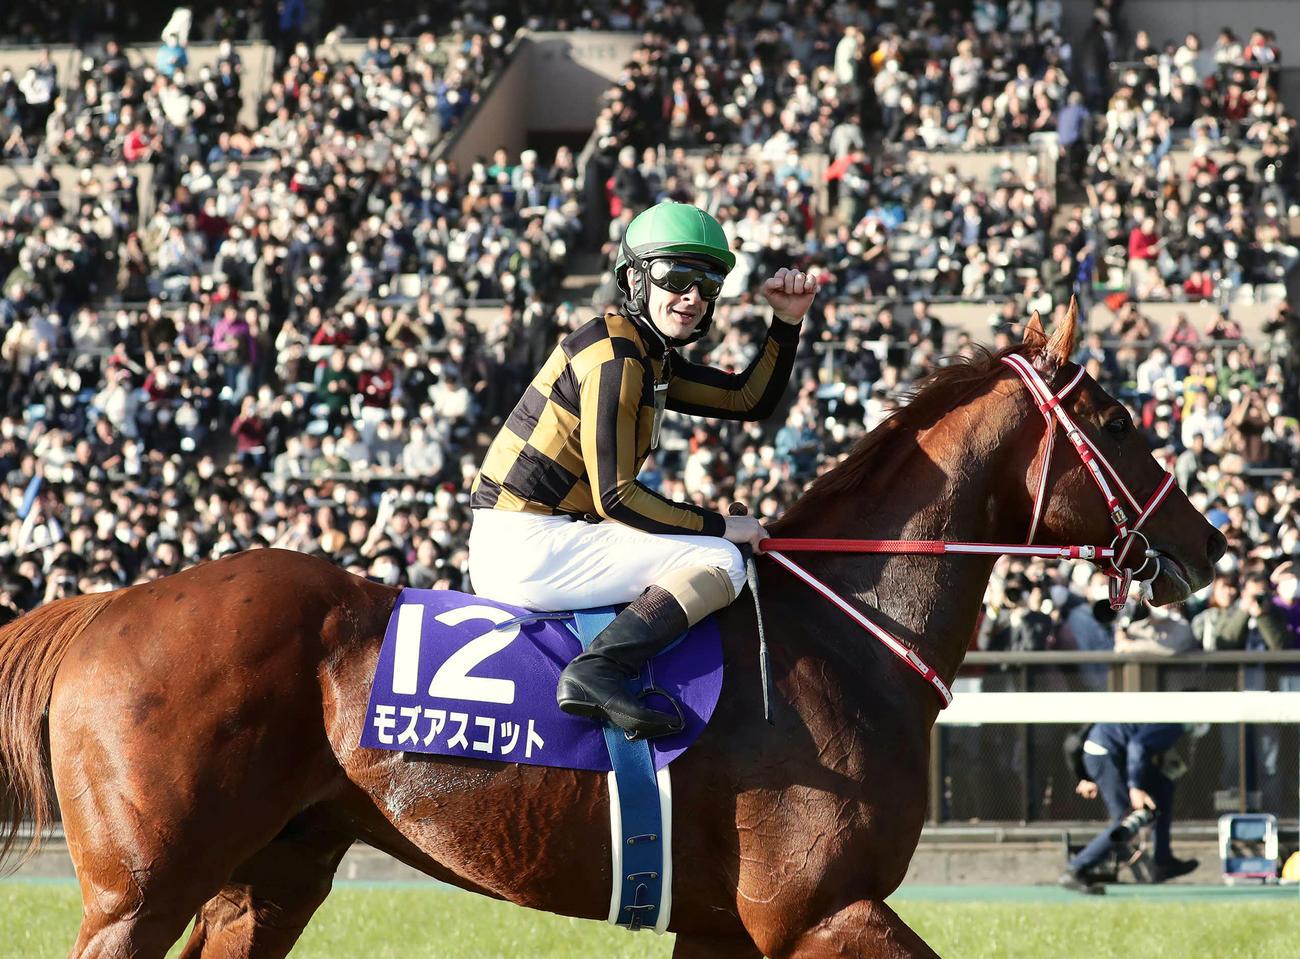 フェブラリーSを制したモズアスコットの鞍上で声援に応えるC・ルメール騎手(撮影・丹羽敏通)